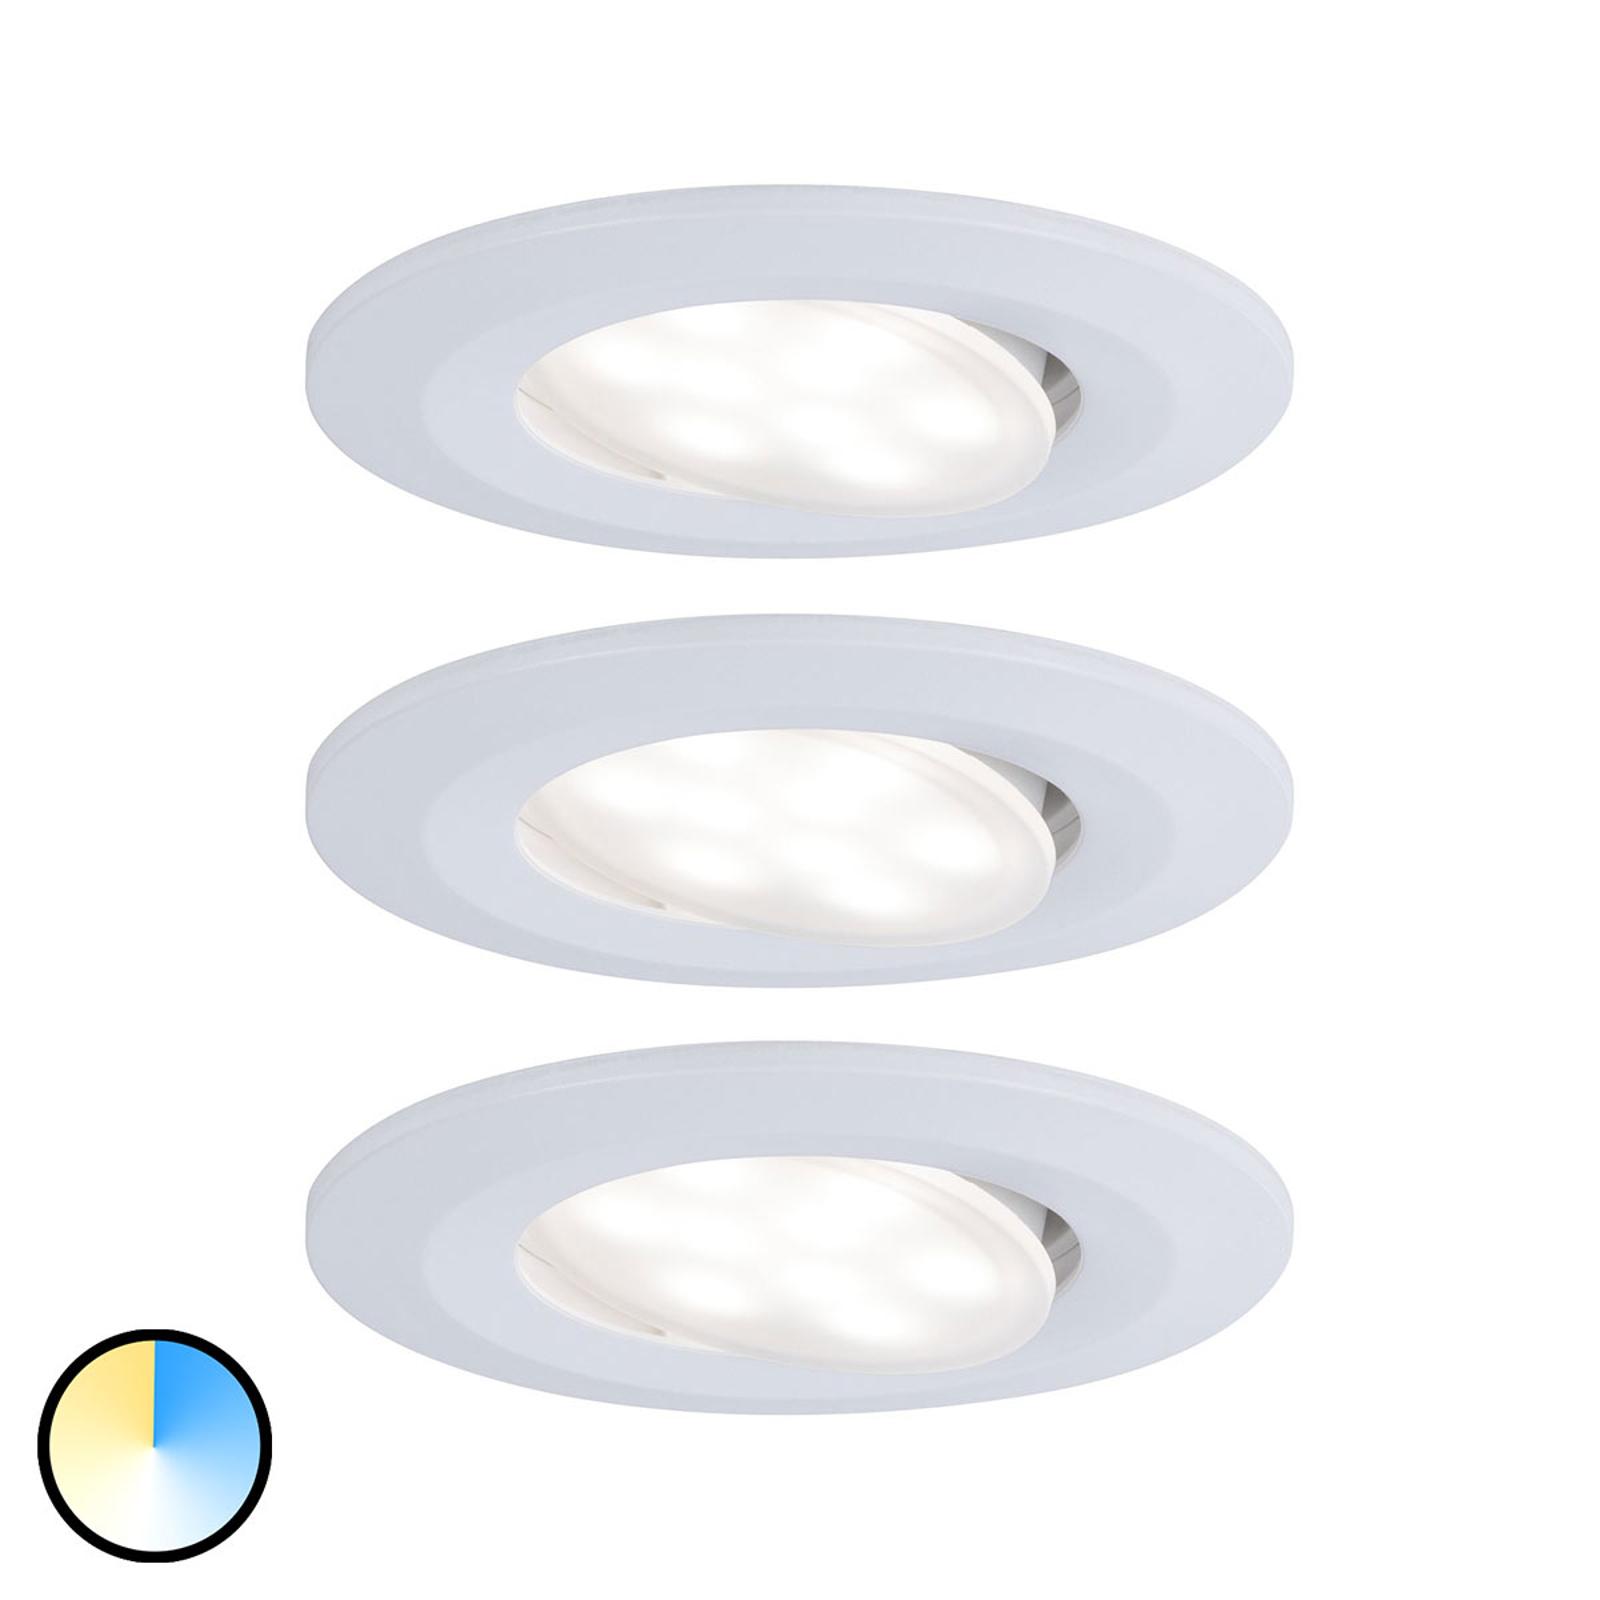 Paulmann LED spot Calla wit kleurverandering per3